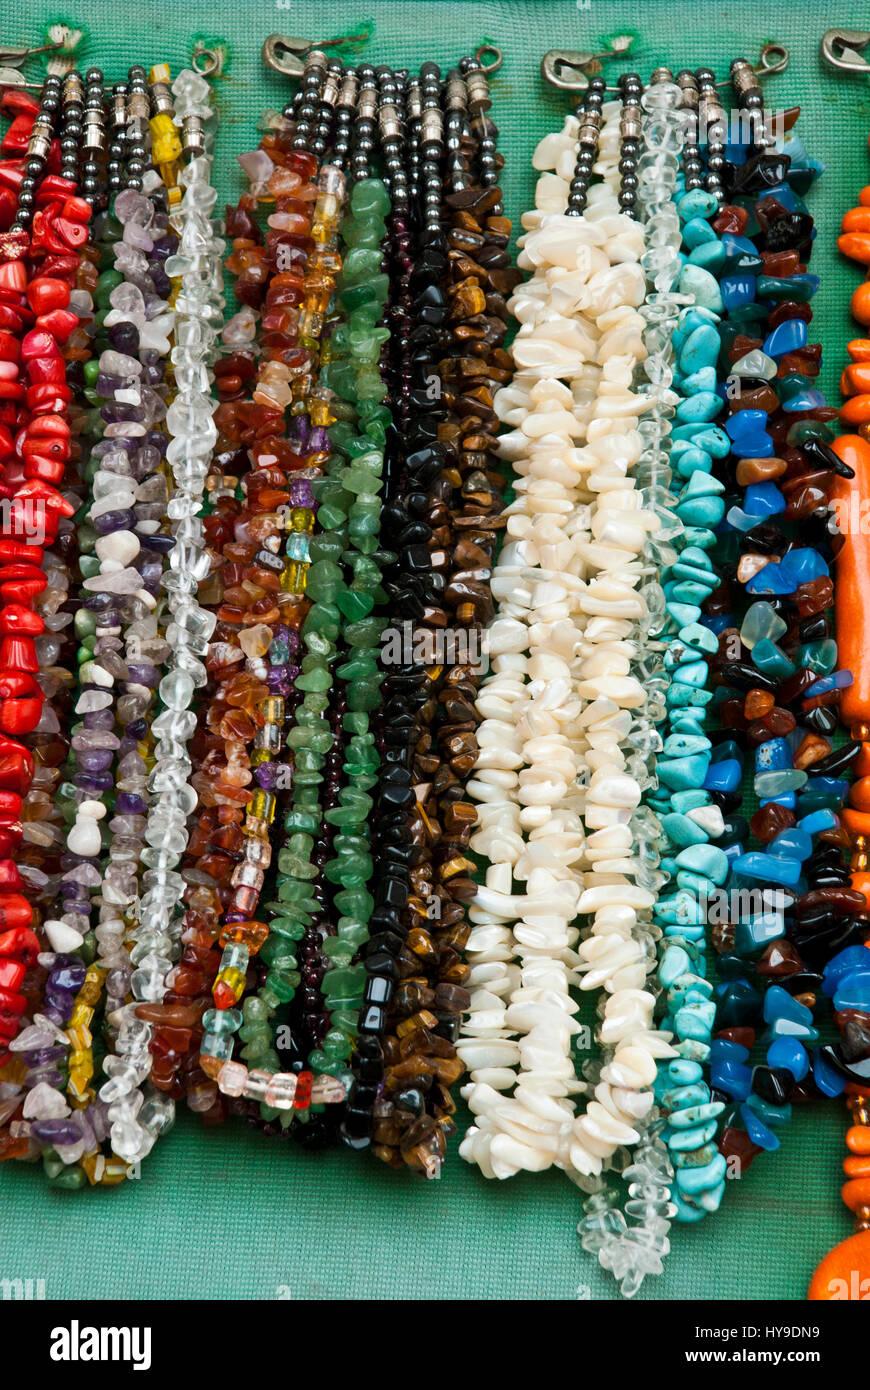 6c73dc774326 Mercadillo - Souvenirs - Moda - Accesorios - coloridos y diferentes piezas  de joyería  collares